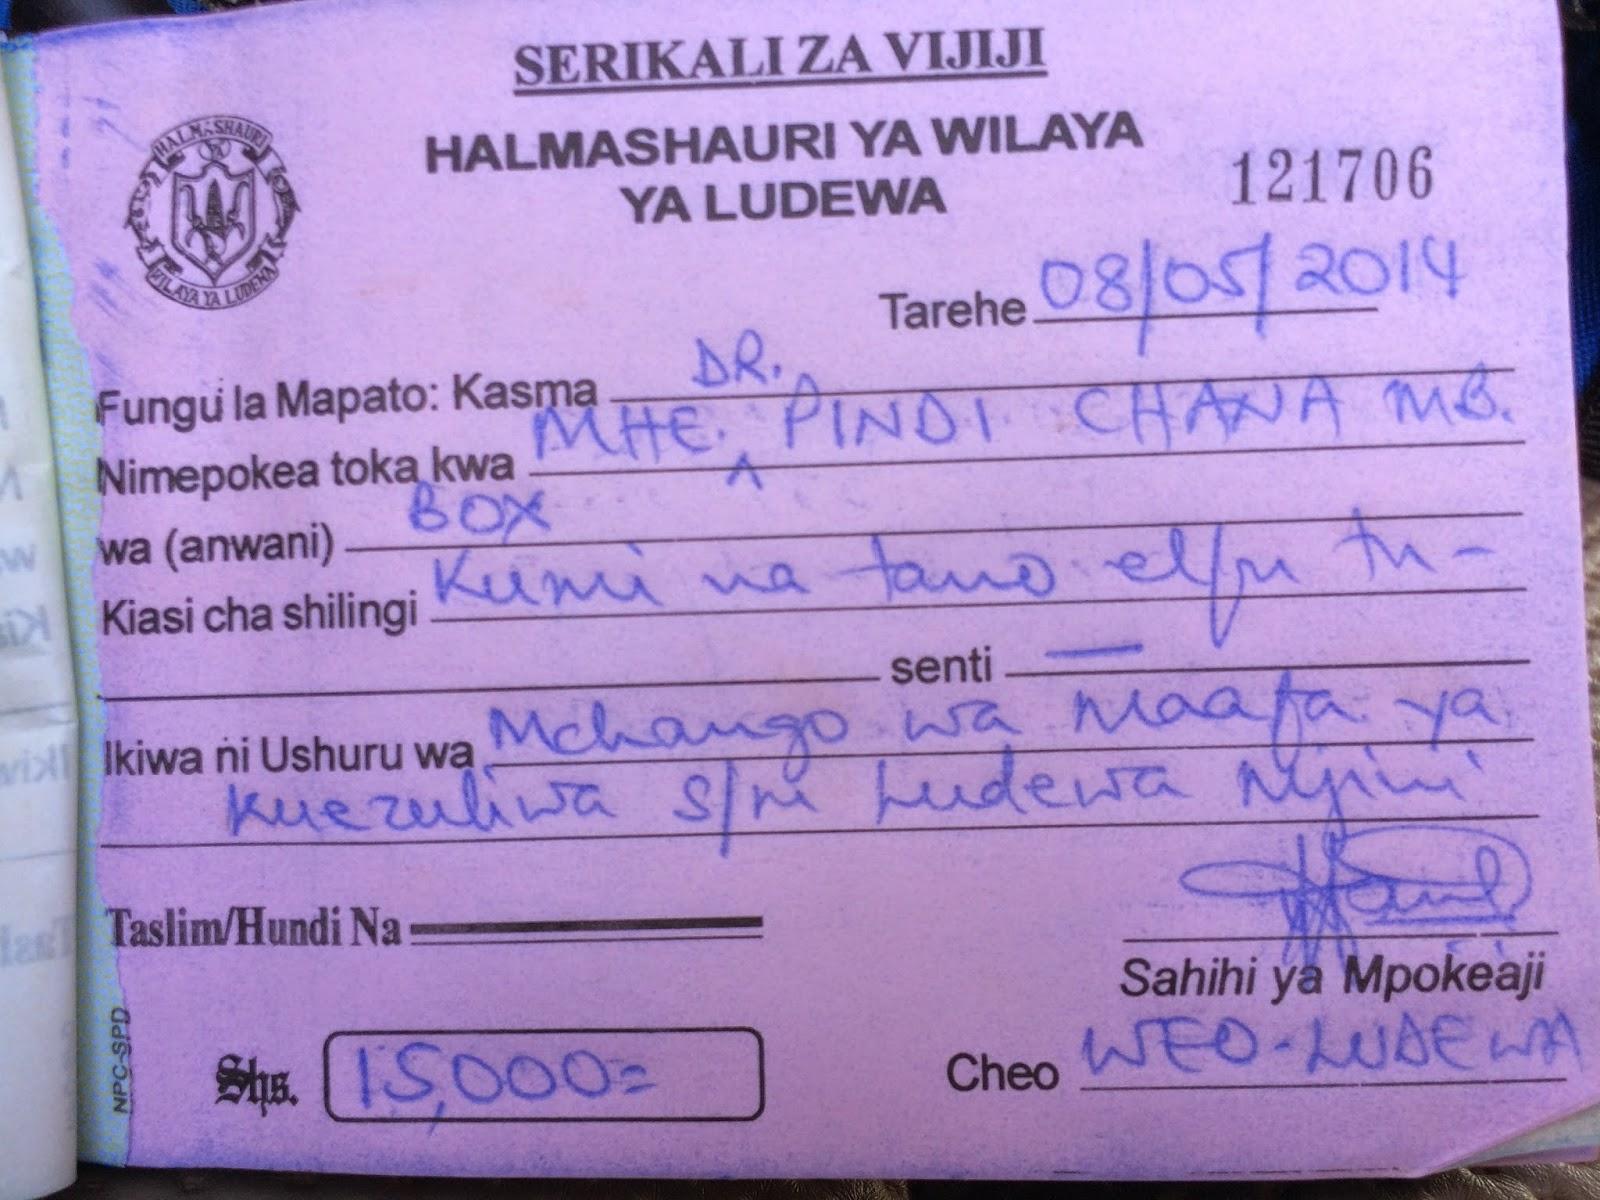 Ludewa Waziri Pindi Chana Aichangia Elfu 15 Shule Iliyoezuliwa Kwa Upepo Page 3 Jamiiforums